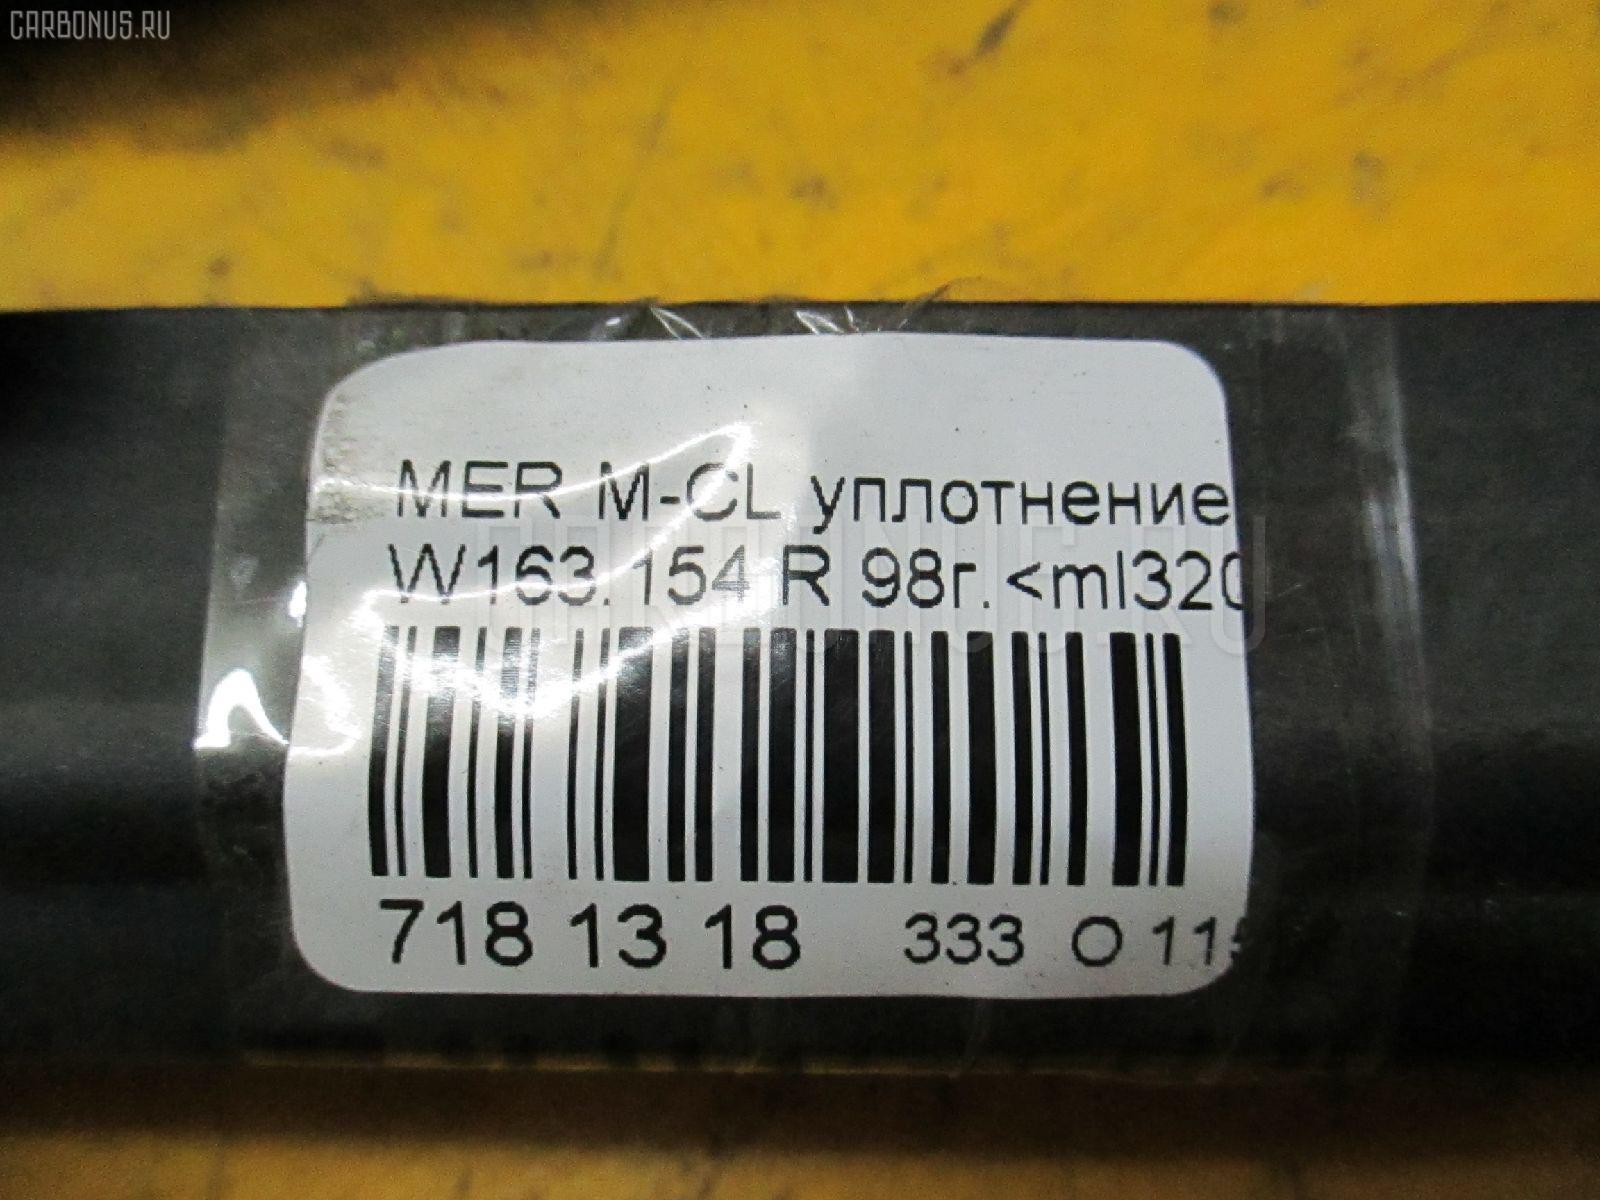 Уплотнение MERCEDES-BENZ M-CLASS W163.154 Фото 2